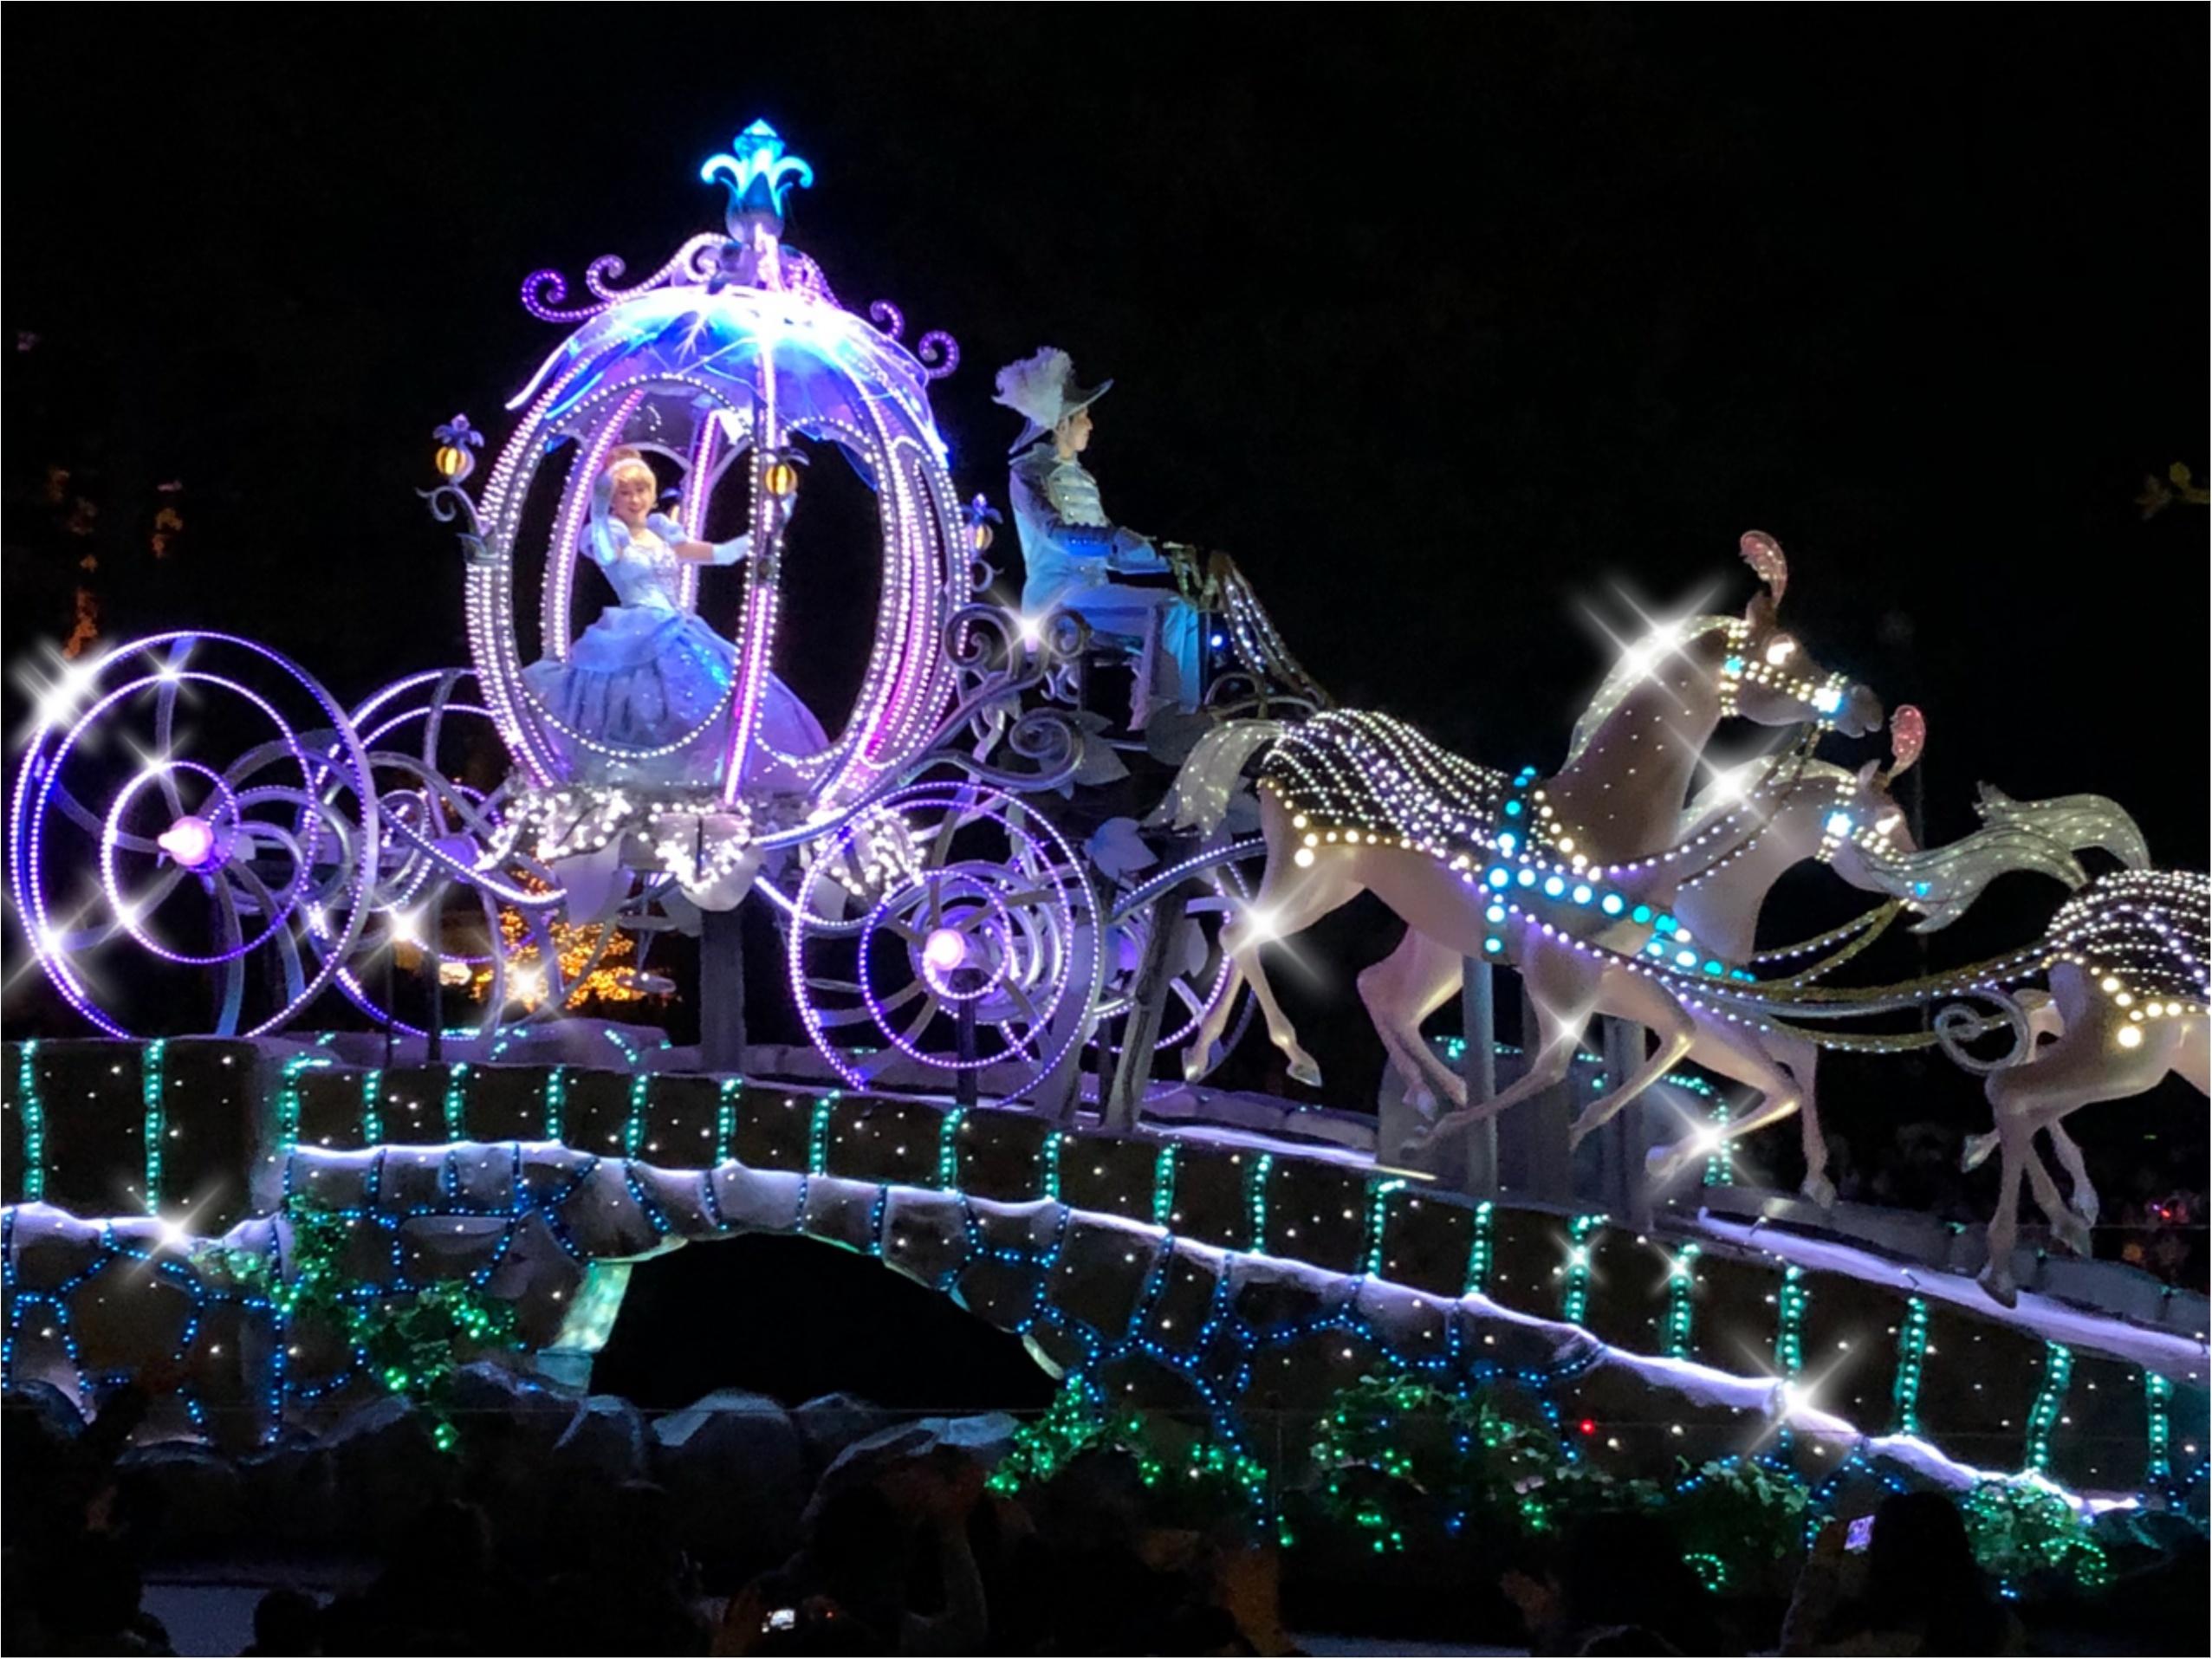 【ディズニー・クリスマス】夜のパークの楽しみ方!クリスマスのオススメを紹介します!_5